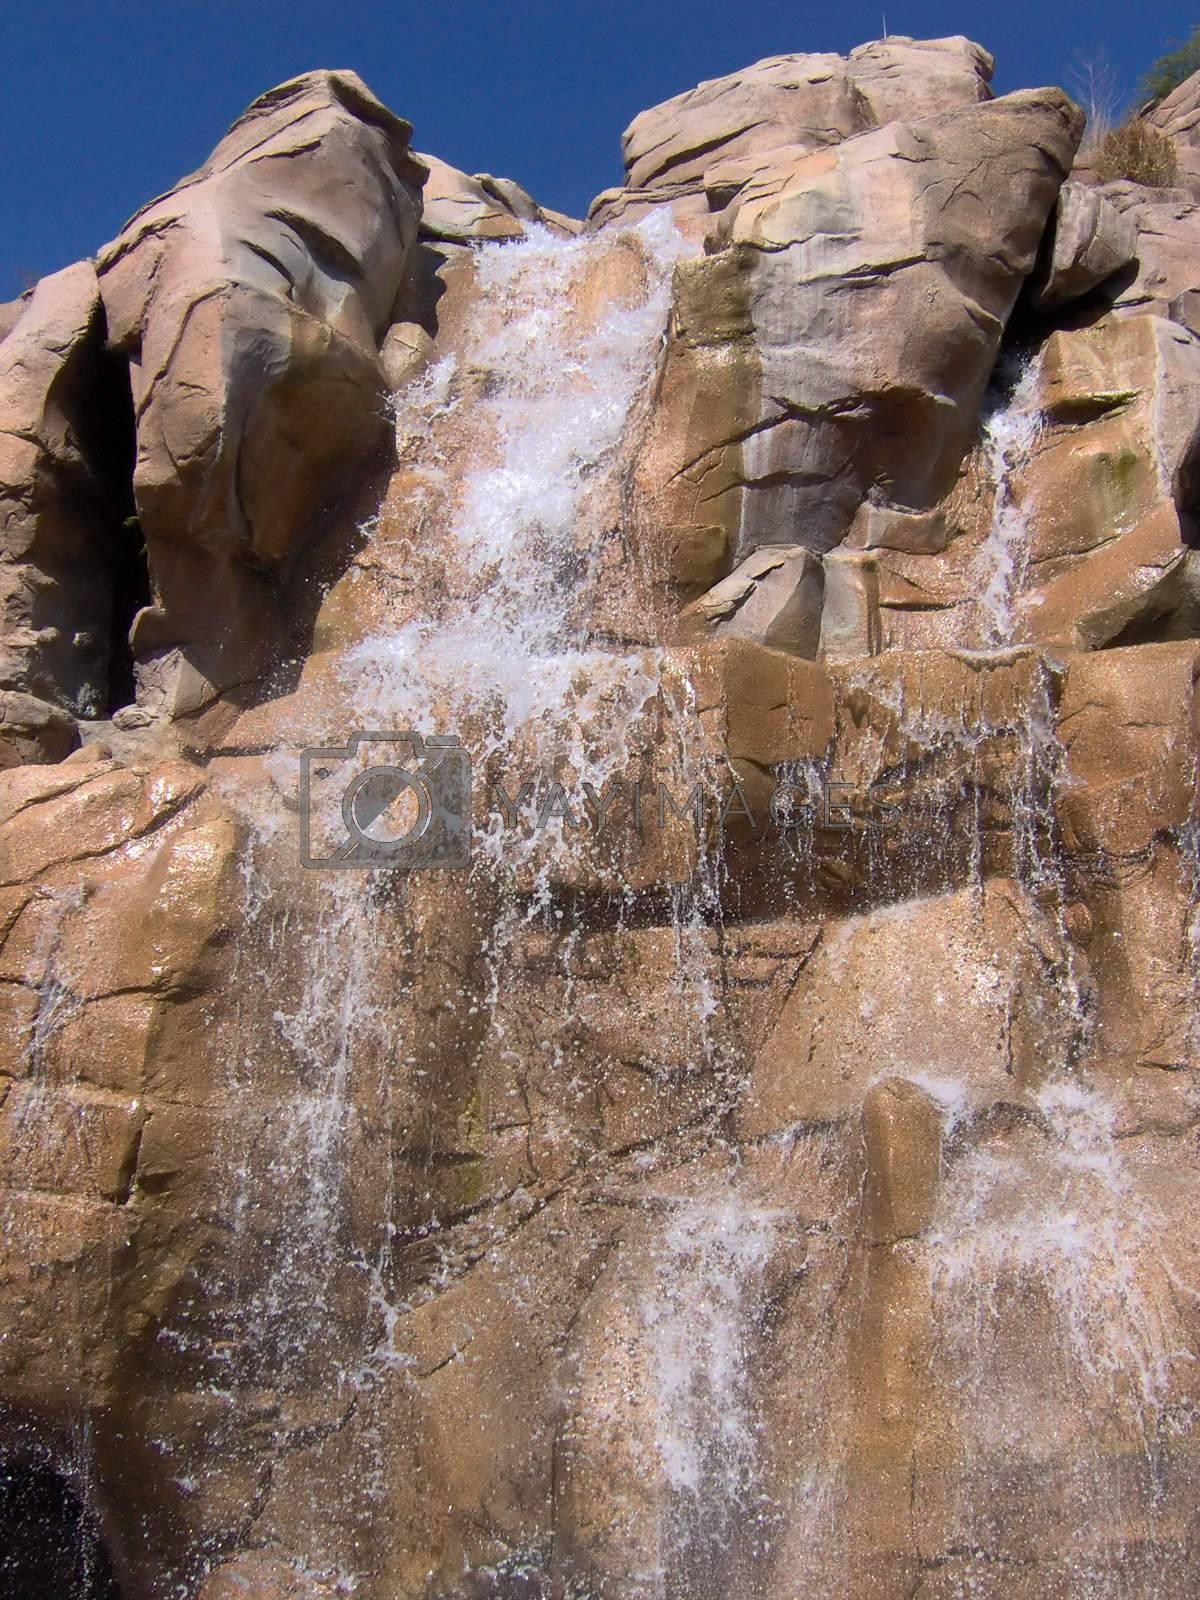 A nice waterfall.